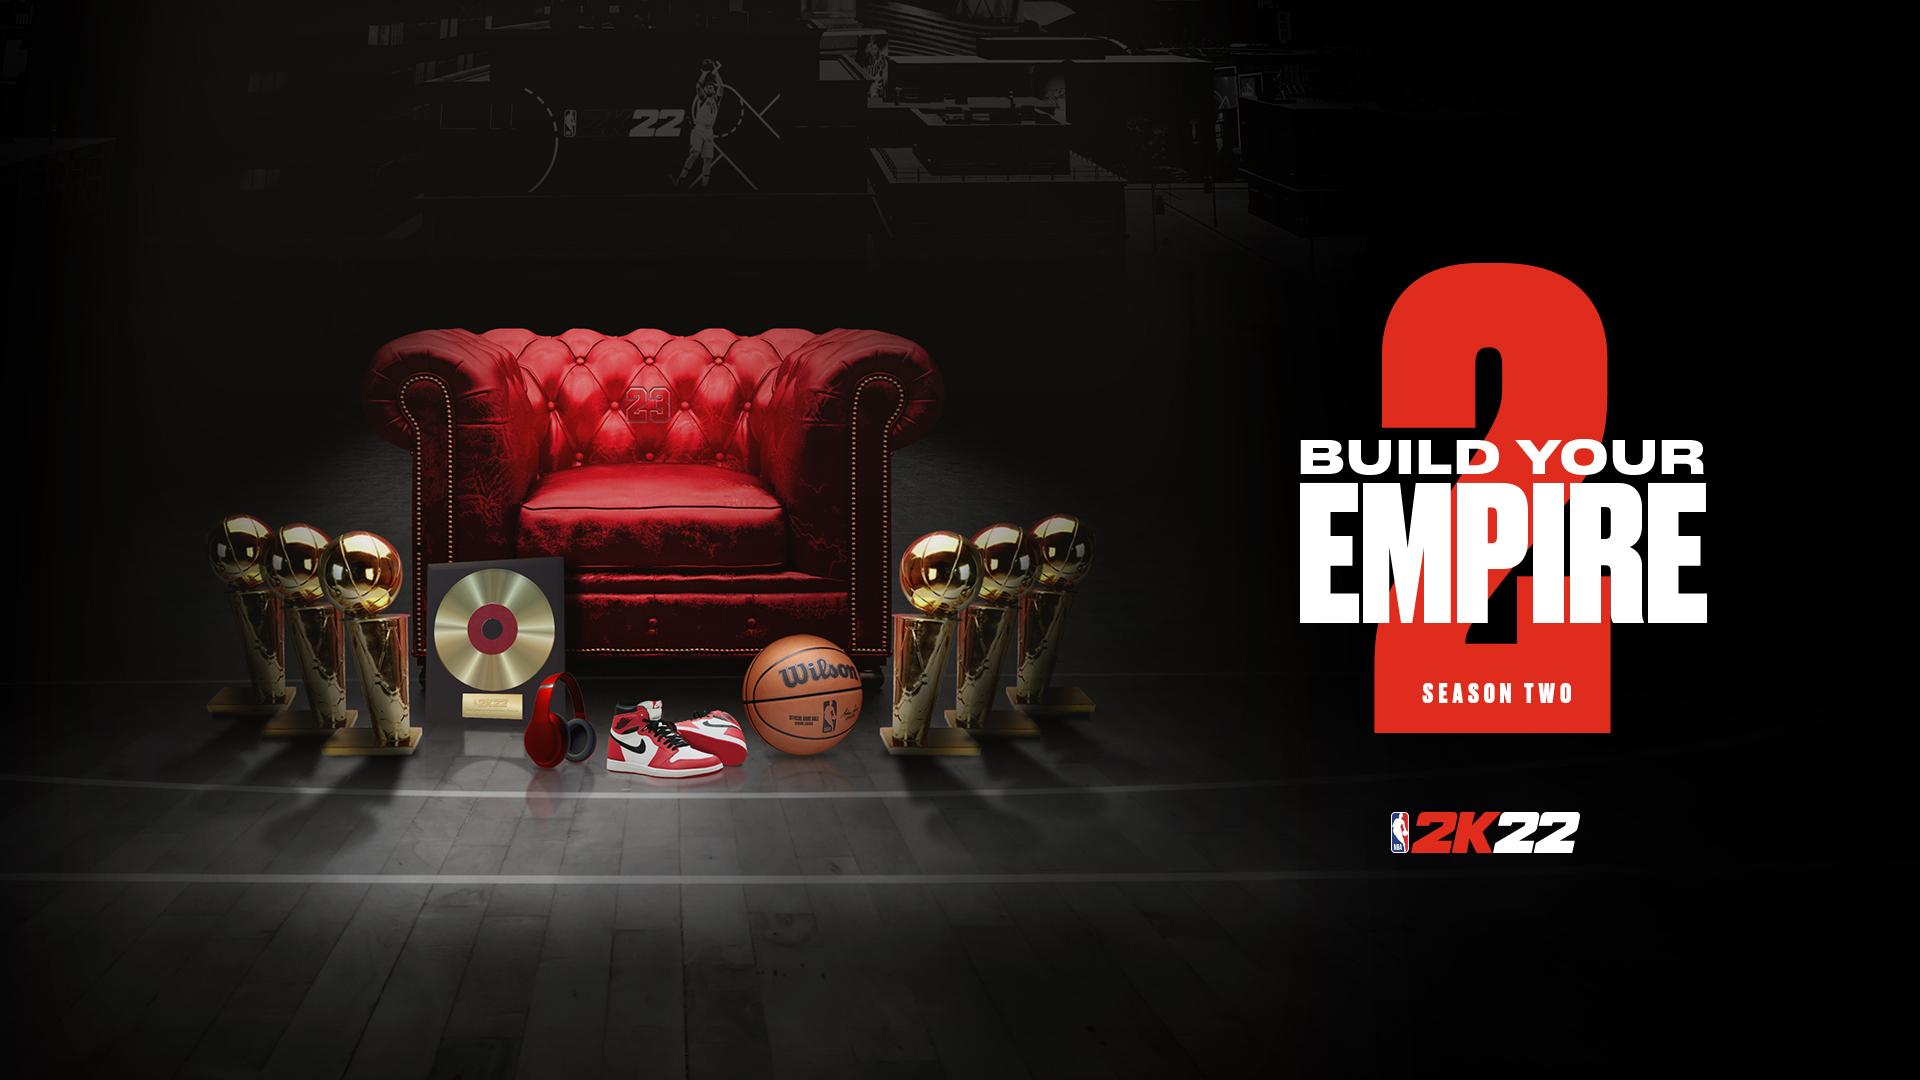 Photo for Season 2 for NBA 2K22 MyTeam and MyCareer.